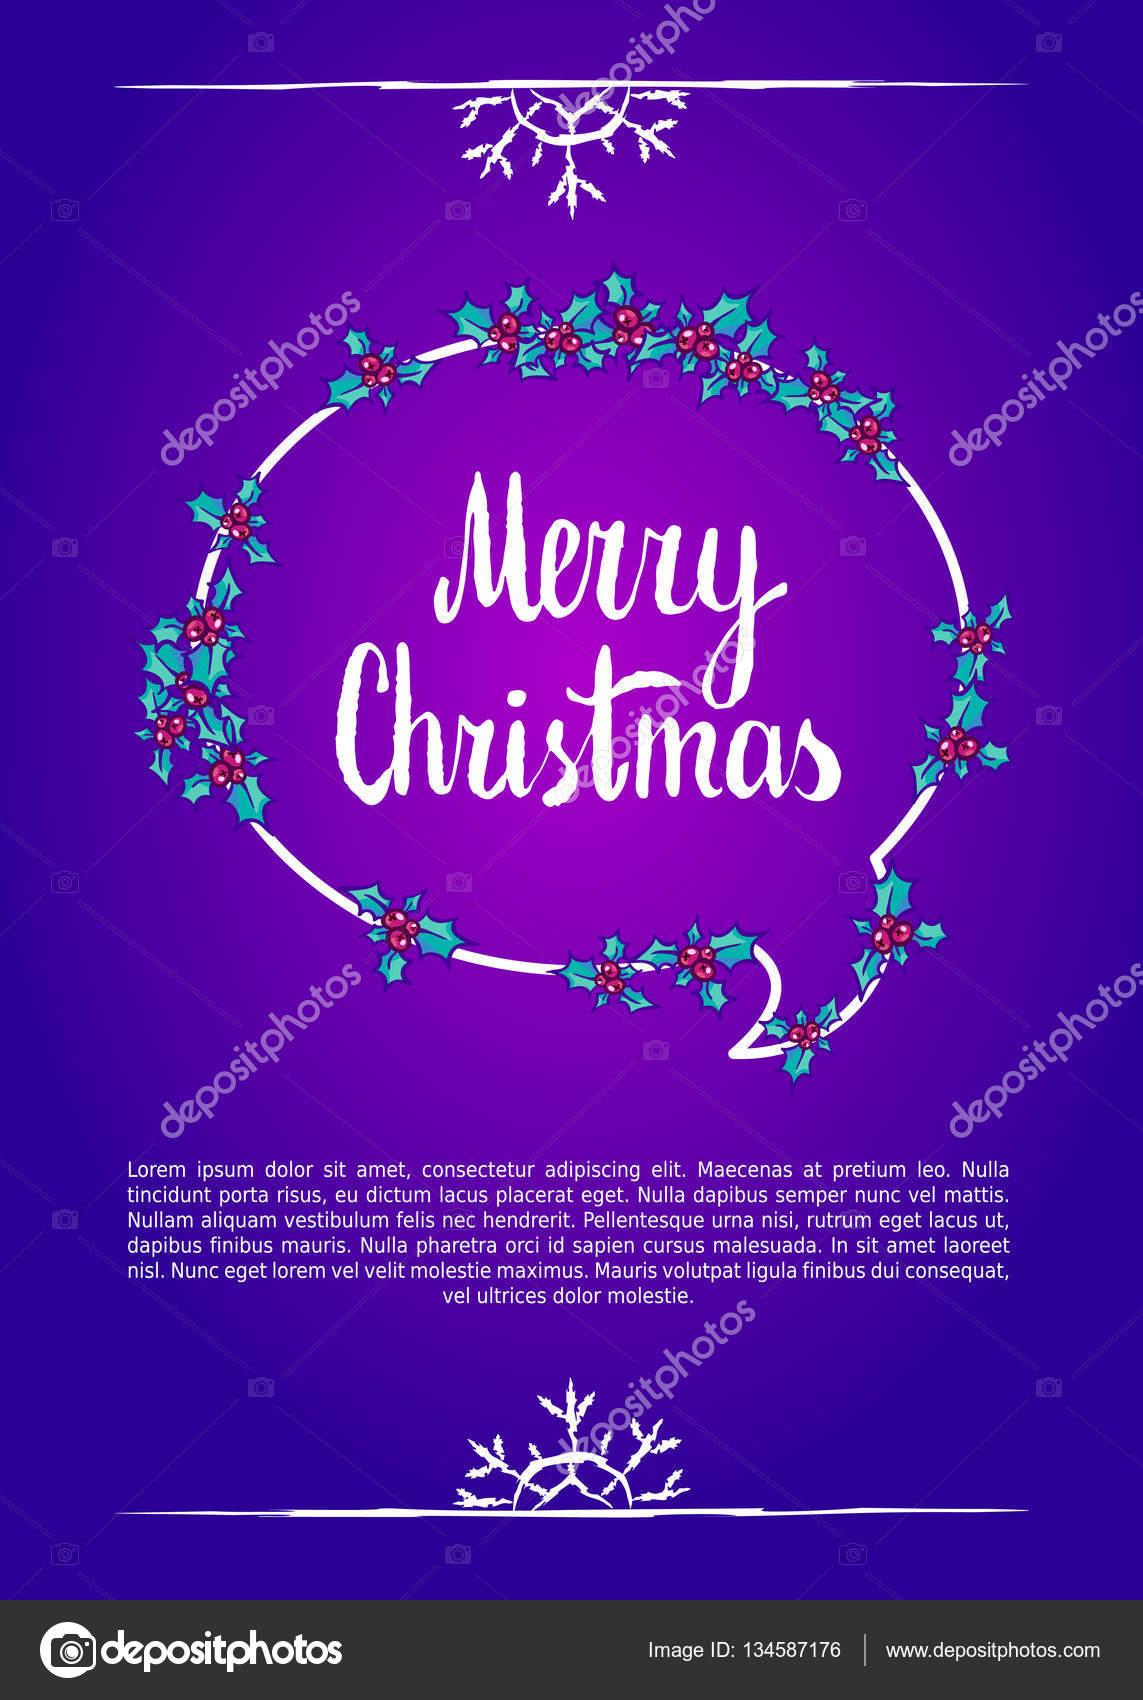 Frohe Weihnachten Clipart.Frohe Weihnachten Kalligraphie Clipart Vektor Illustration